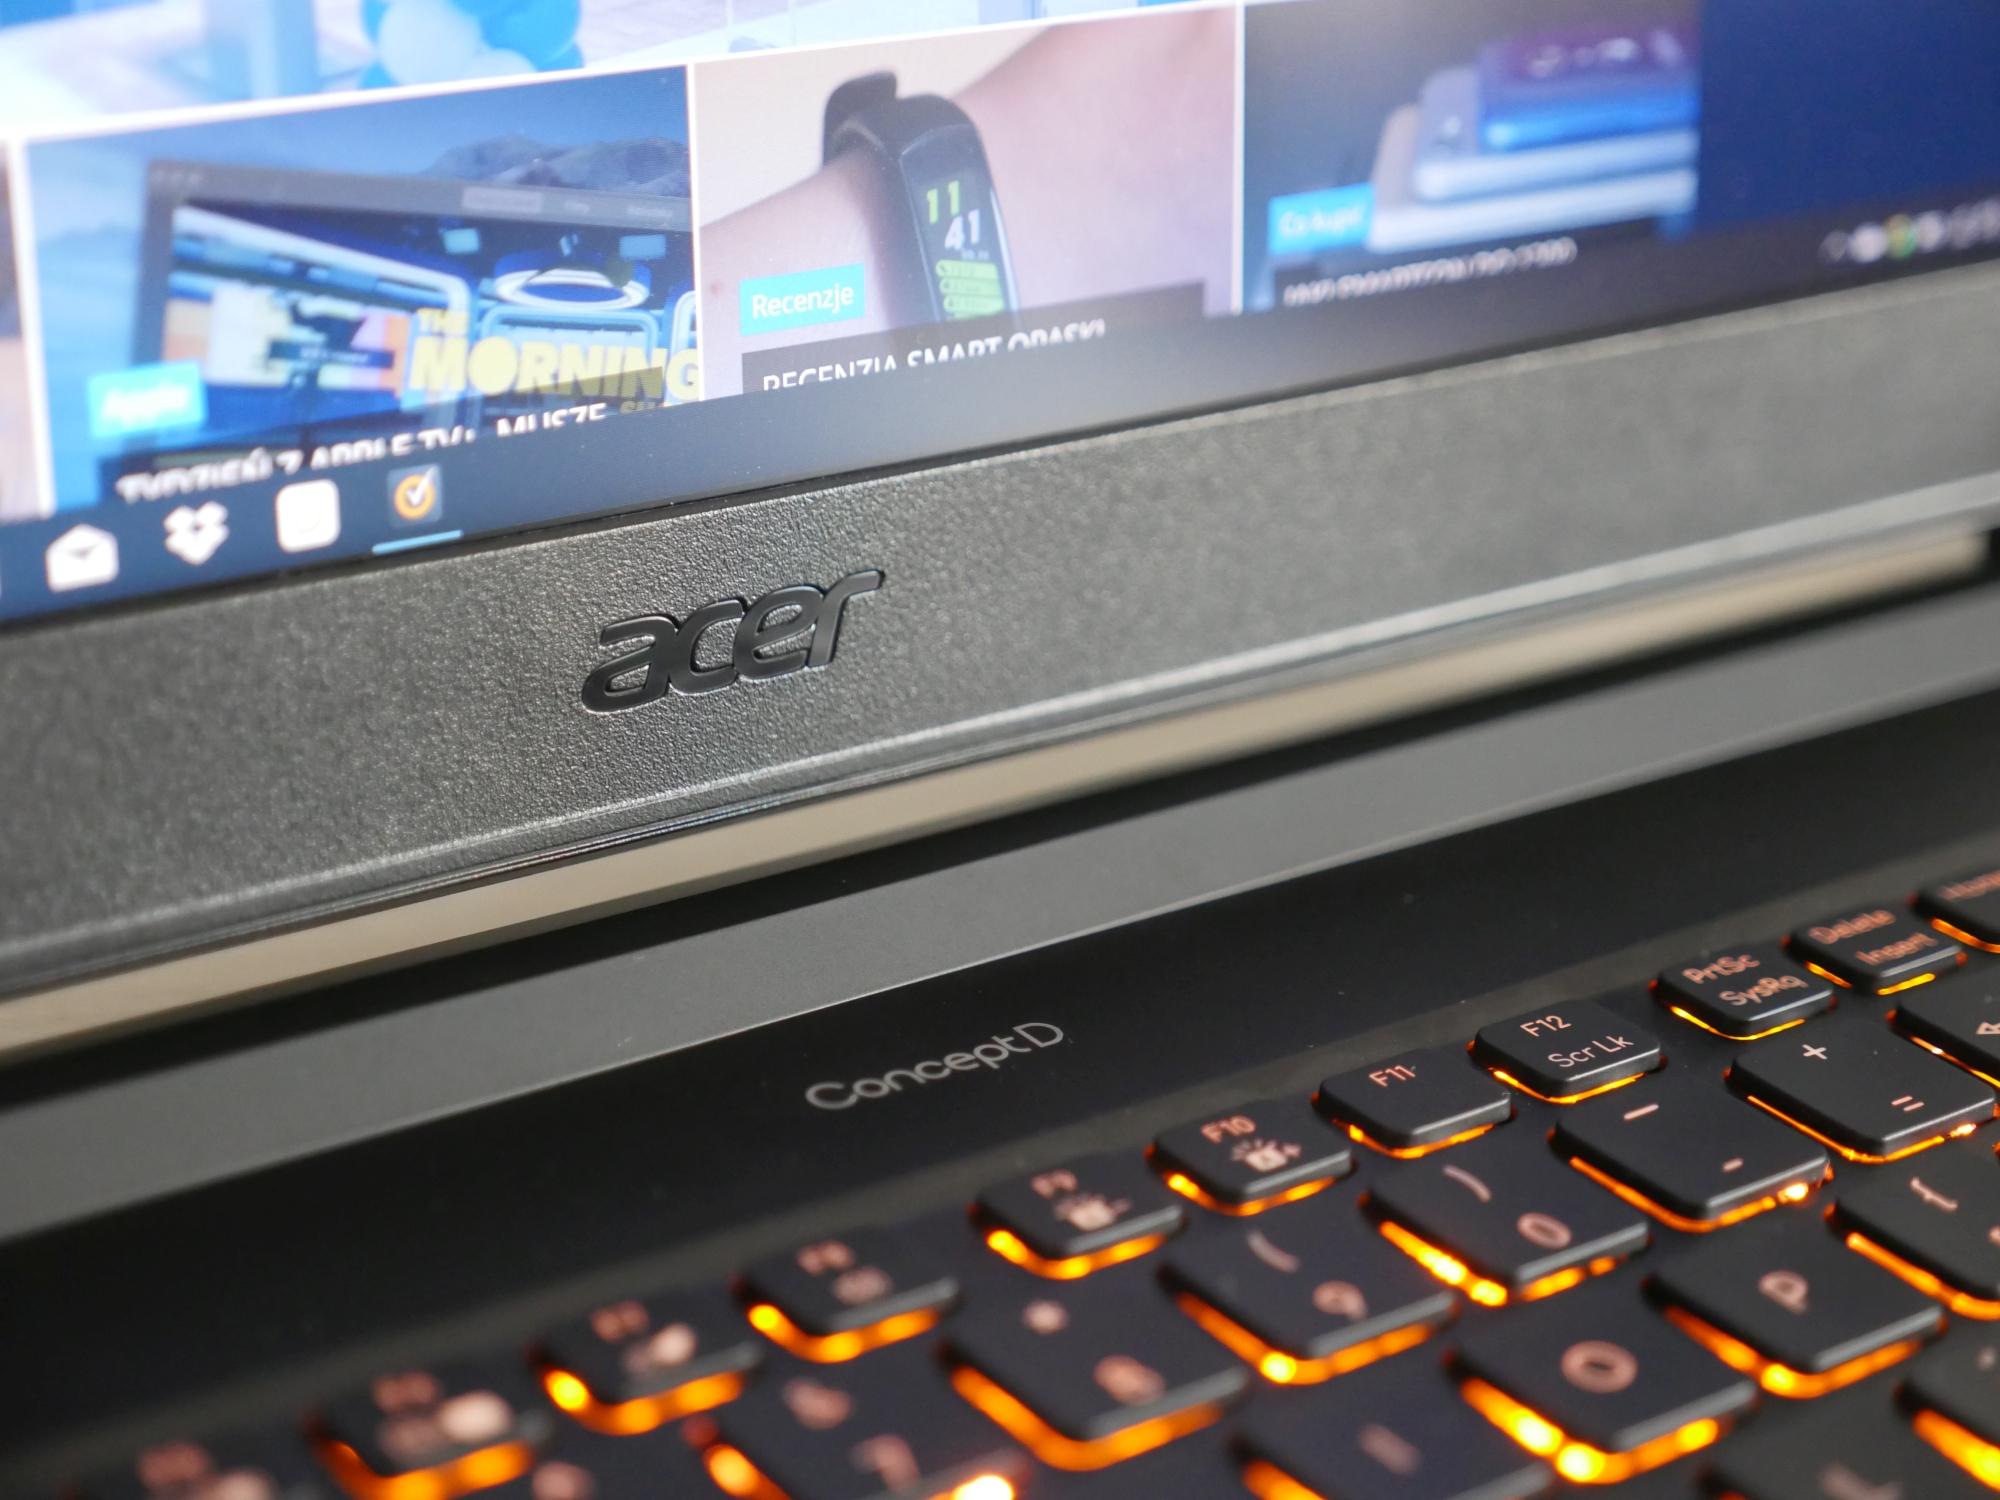 Acer ConceptD 5 Pro - na taki sprzęt czekałem! 24